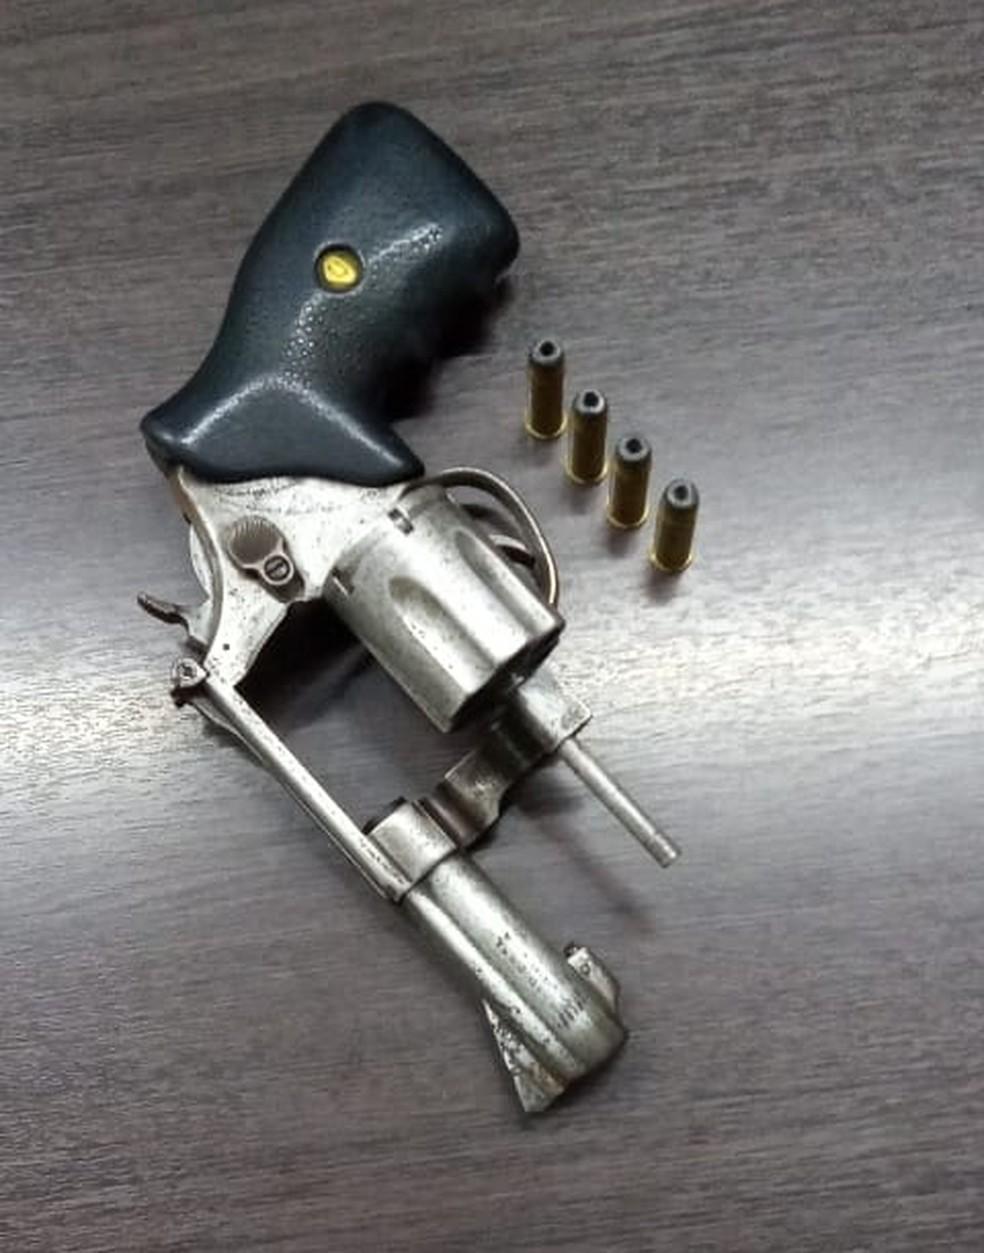 A arma roubada do sargento da PM foi recuperada.  — Foto: Divulgação/Polícia Civil.